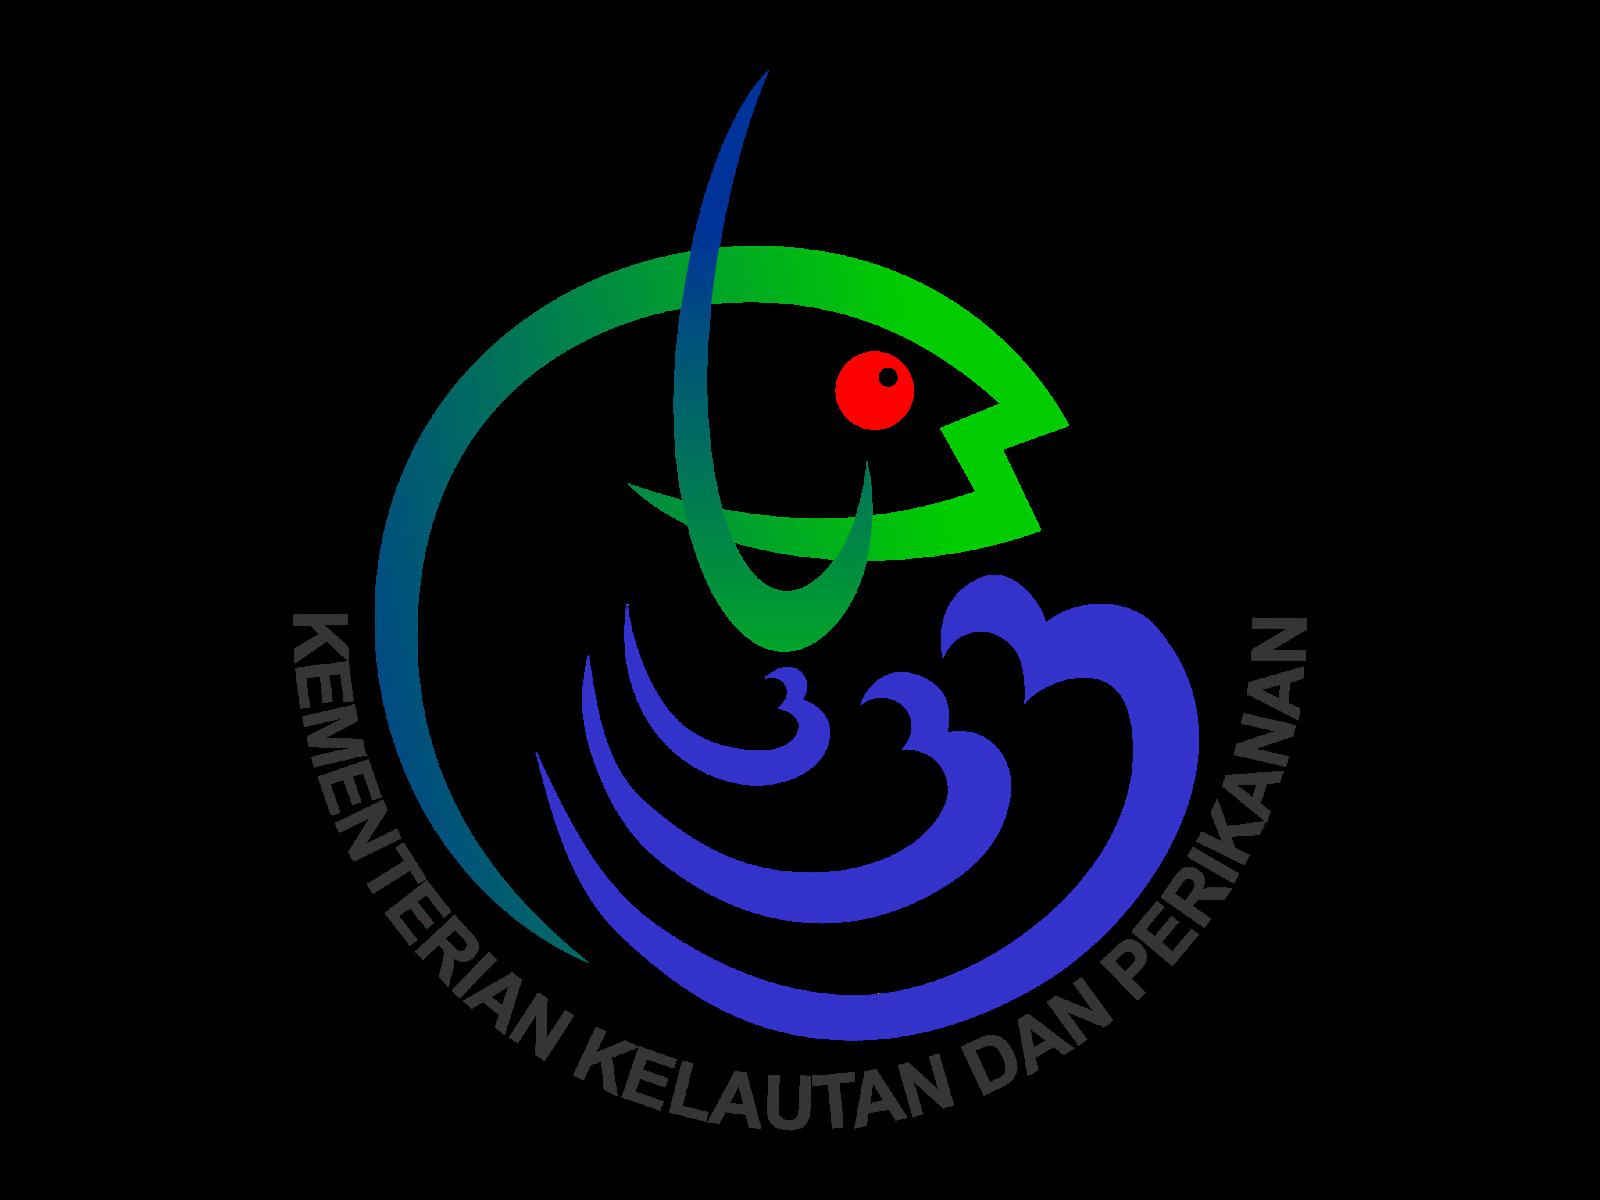 Logo Kementerian Kelautan dan Perikanan Format Cdr & Png ...